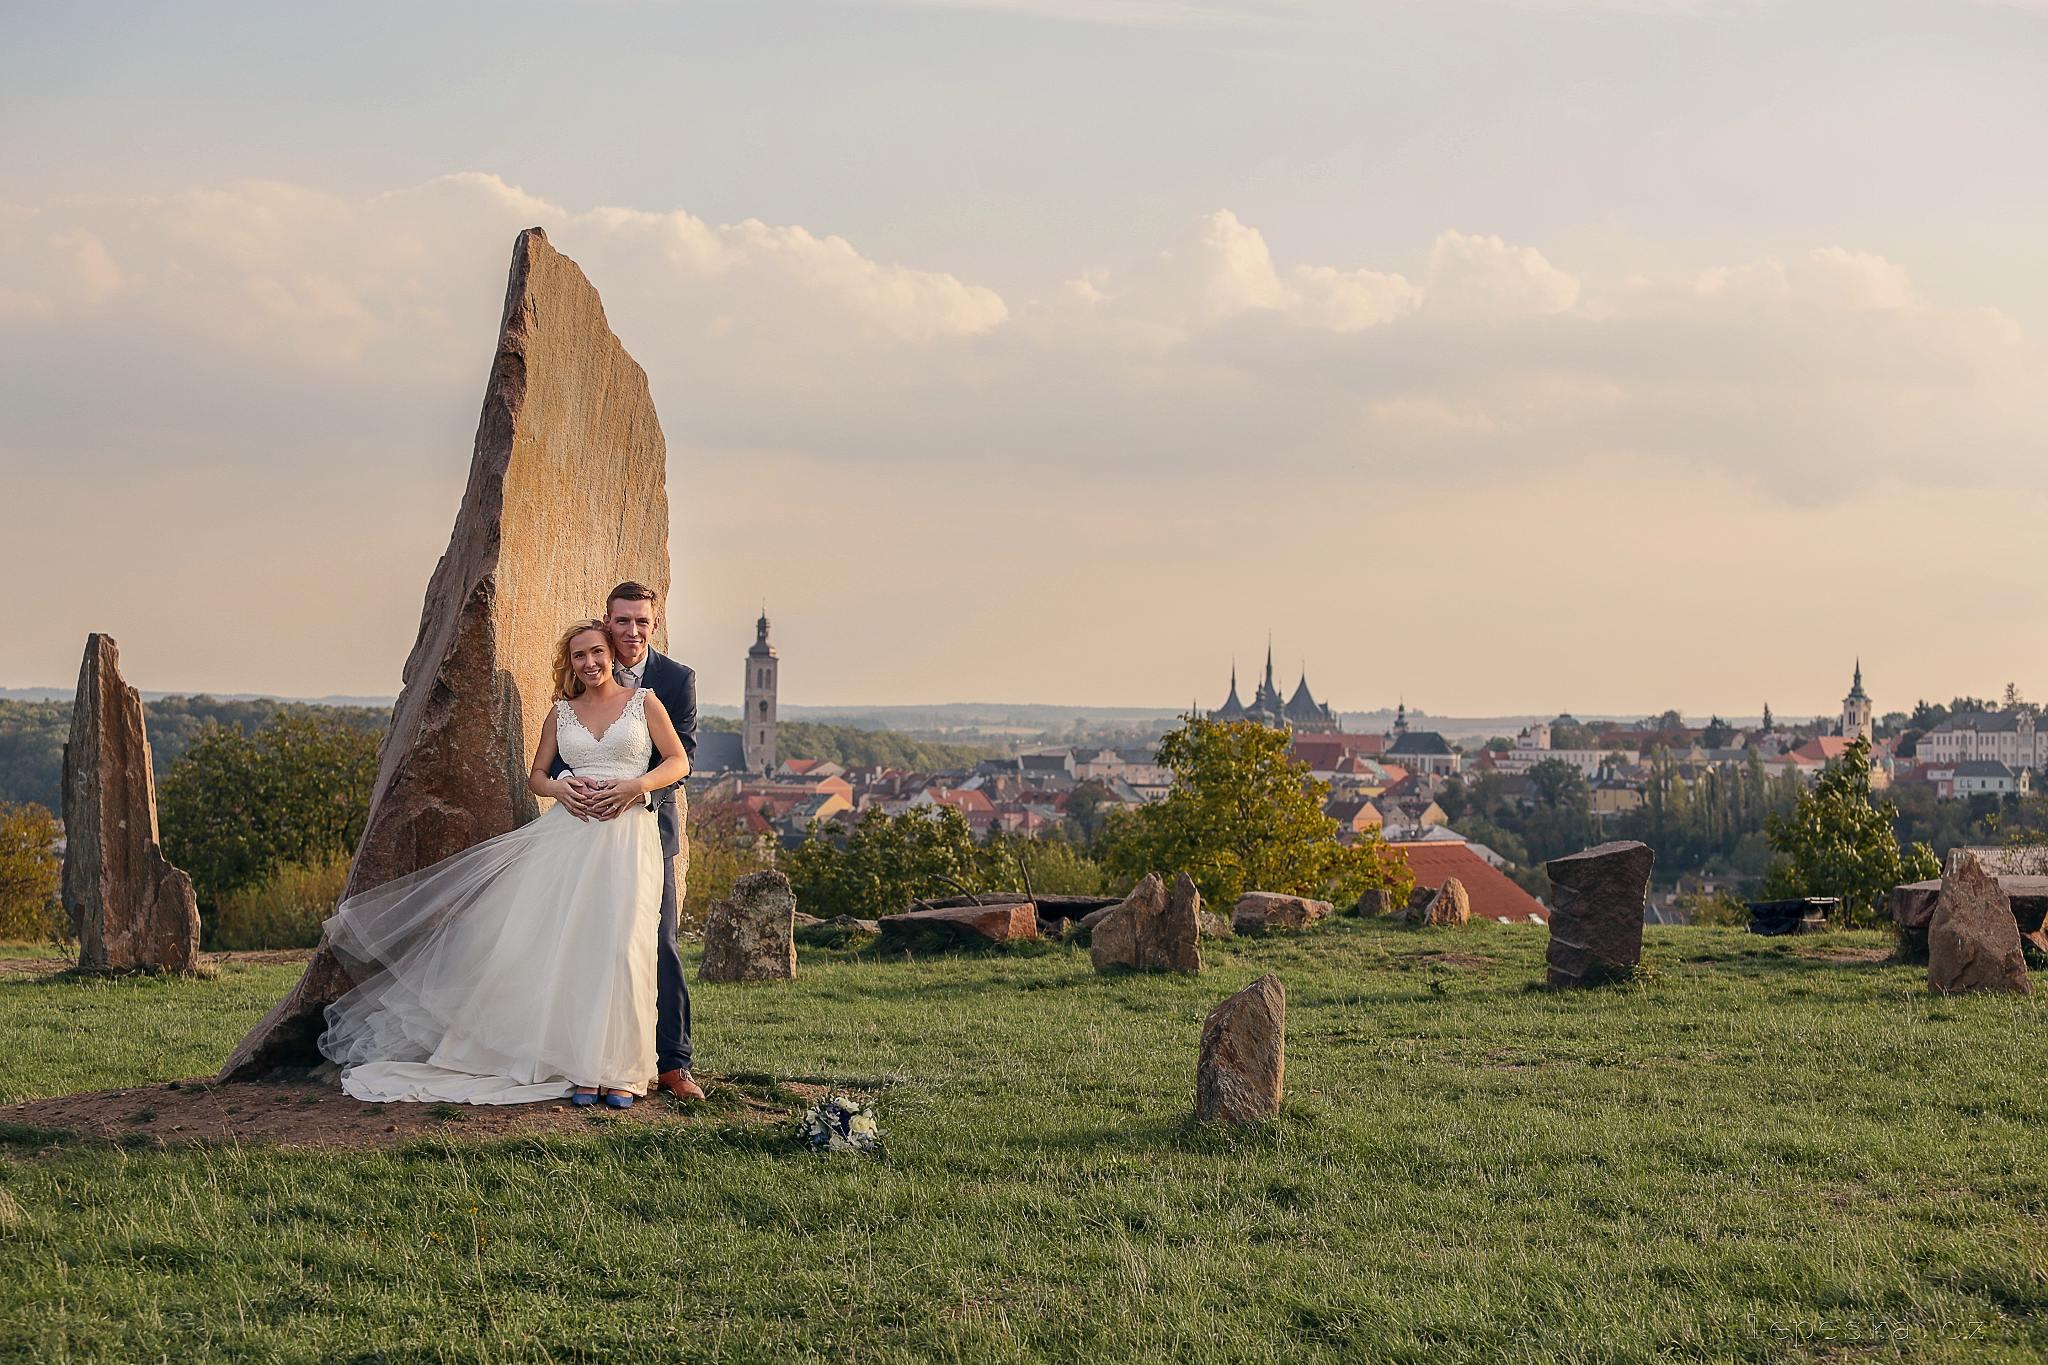 svatební fotograf Zámek Kačina svatba Kutná Hora